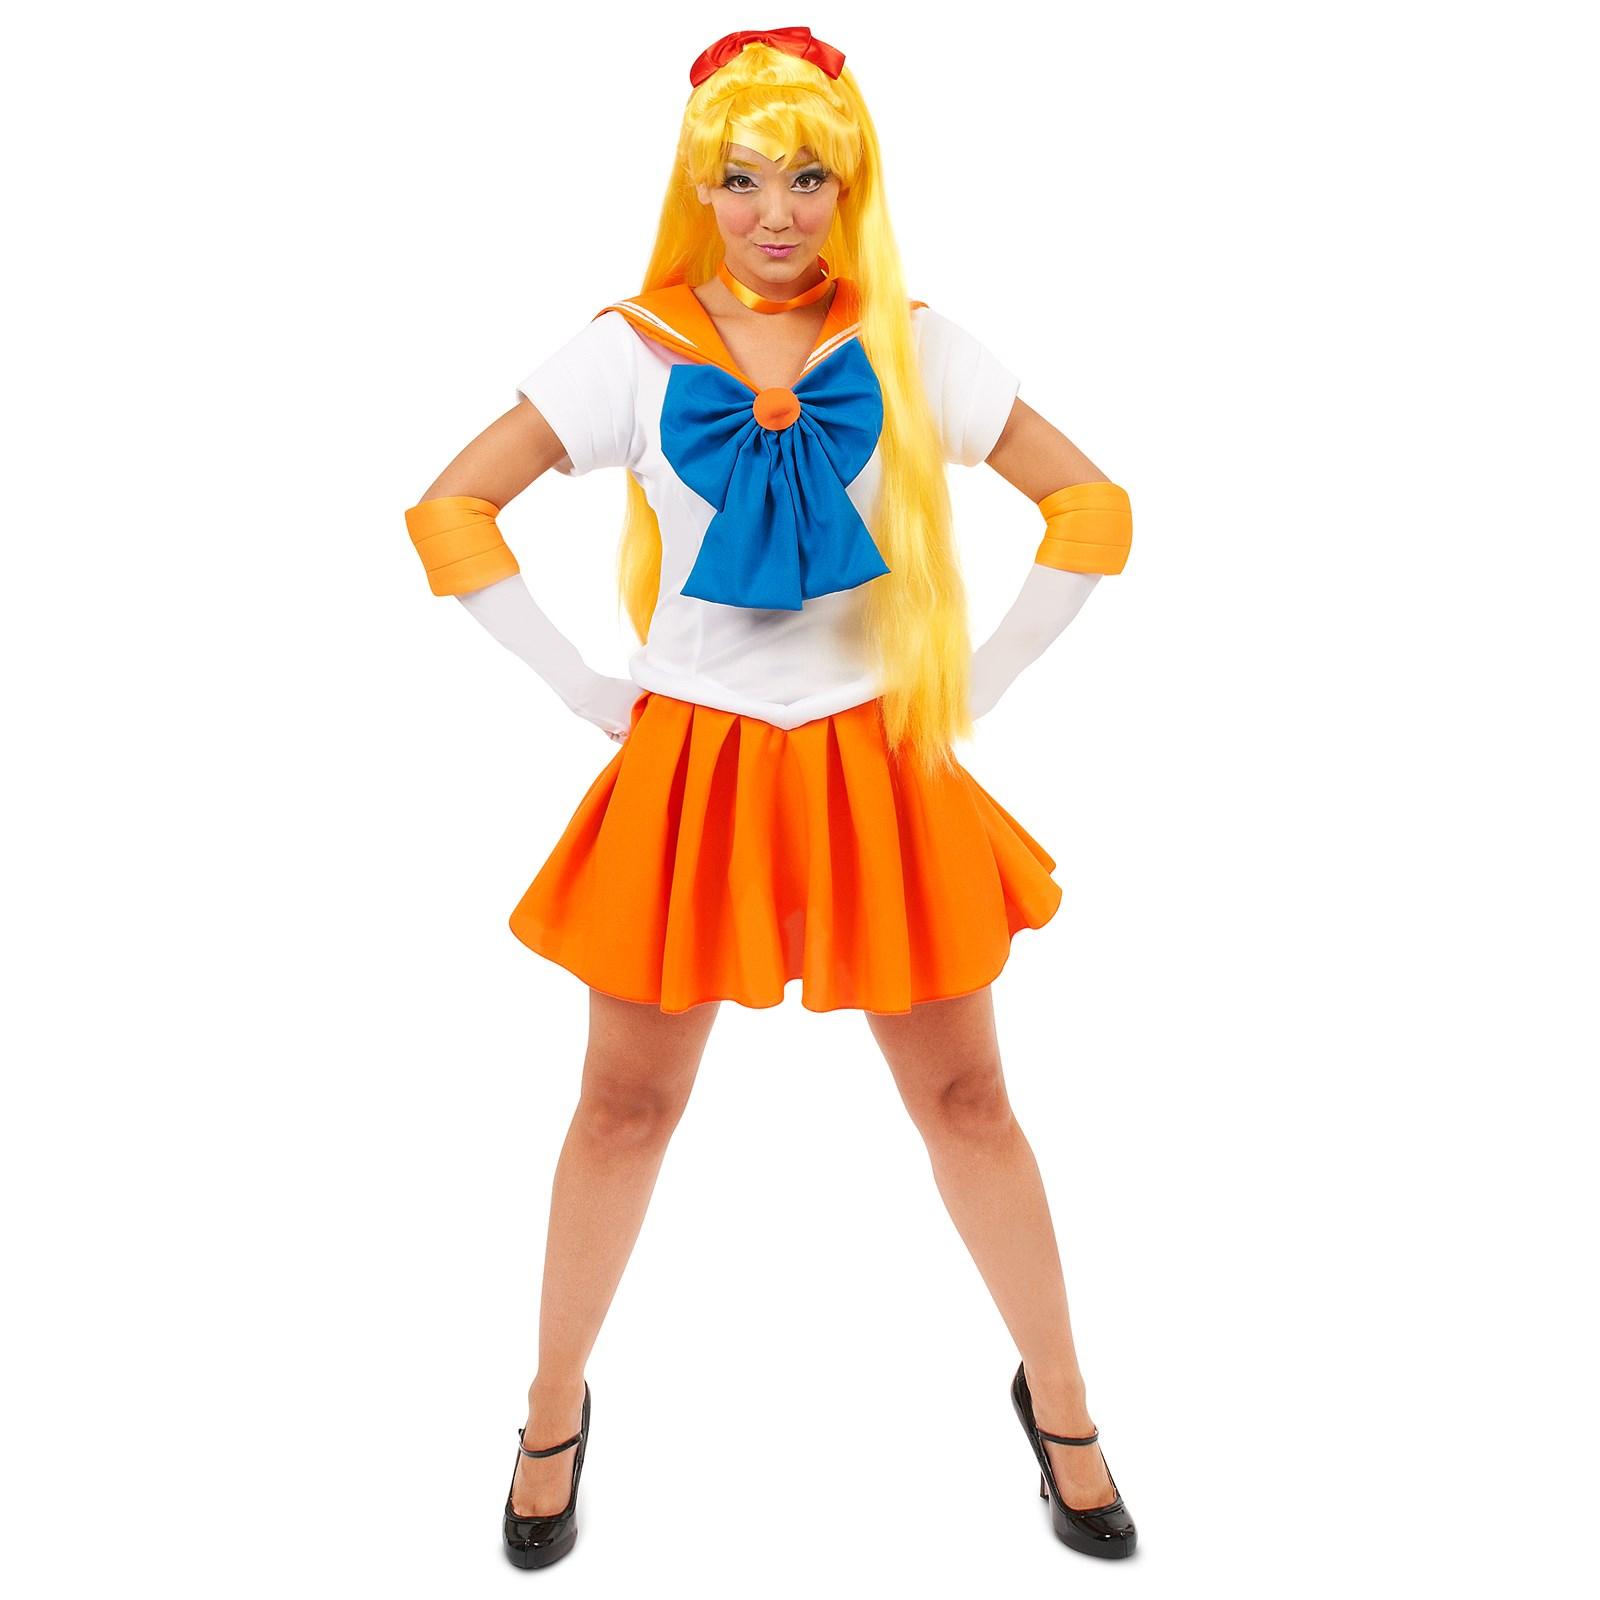 sailor moon sailor venus adult costume